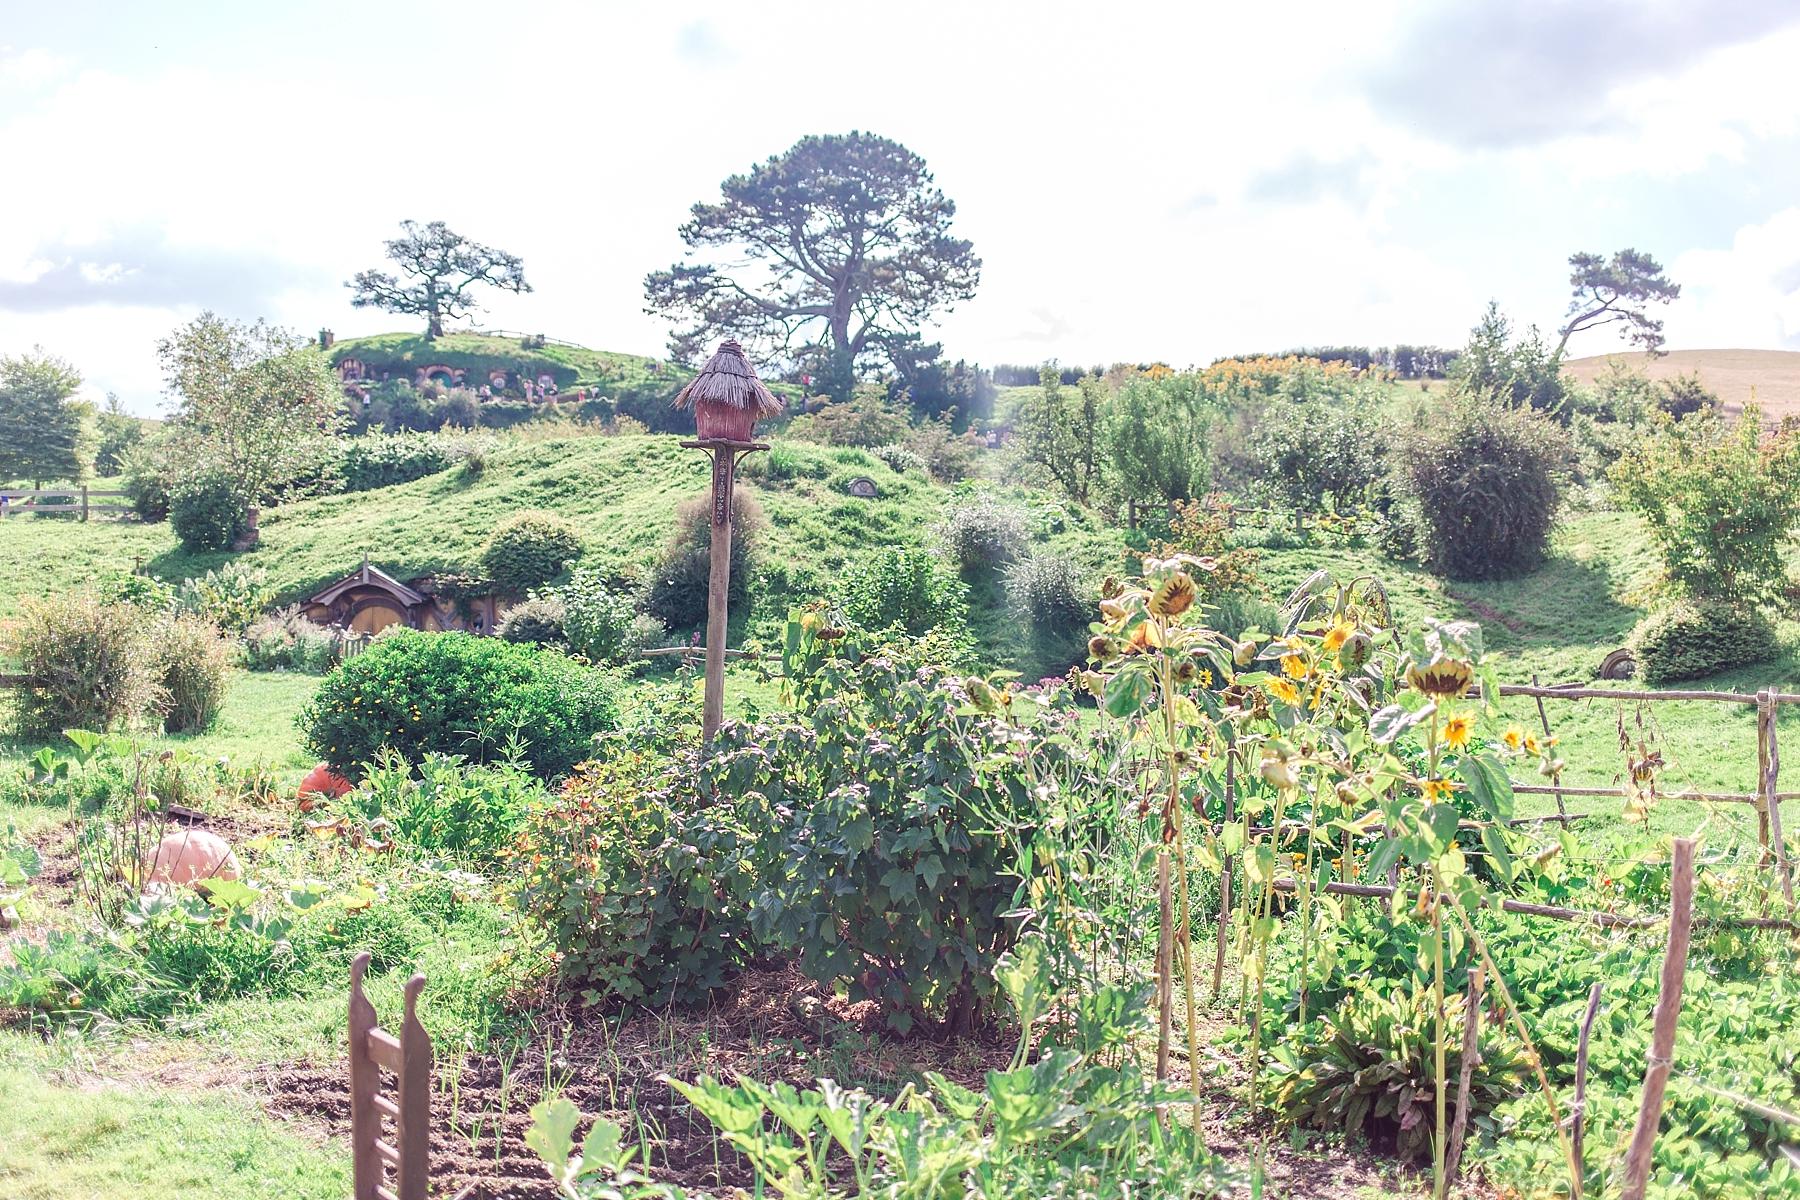 hobbiton-movie-set-matamata-hamilton-north-island-new-zealand-scenery_0241.jpg